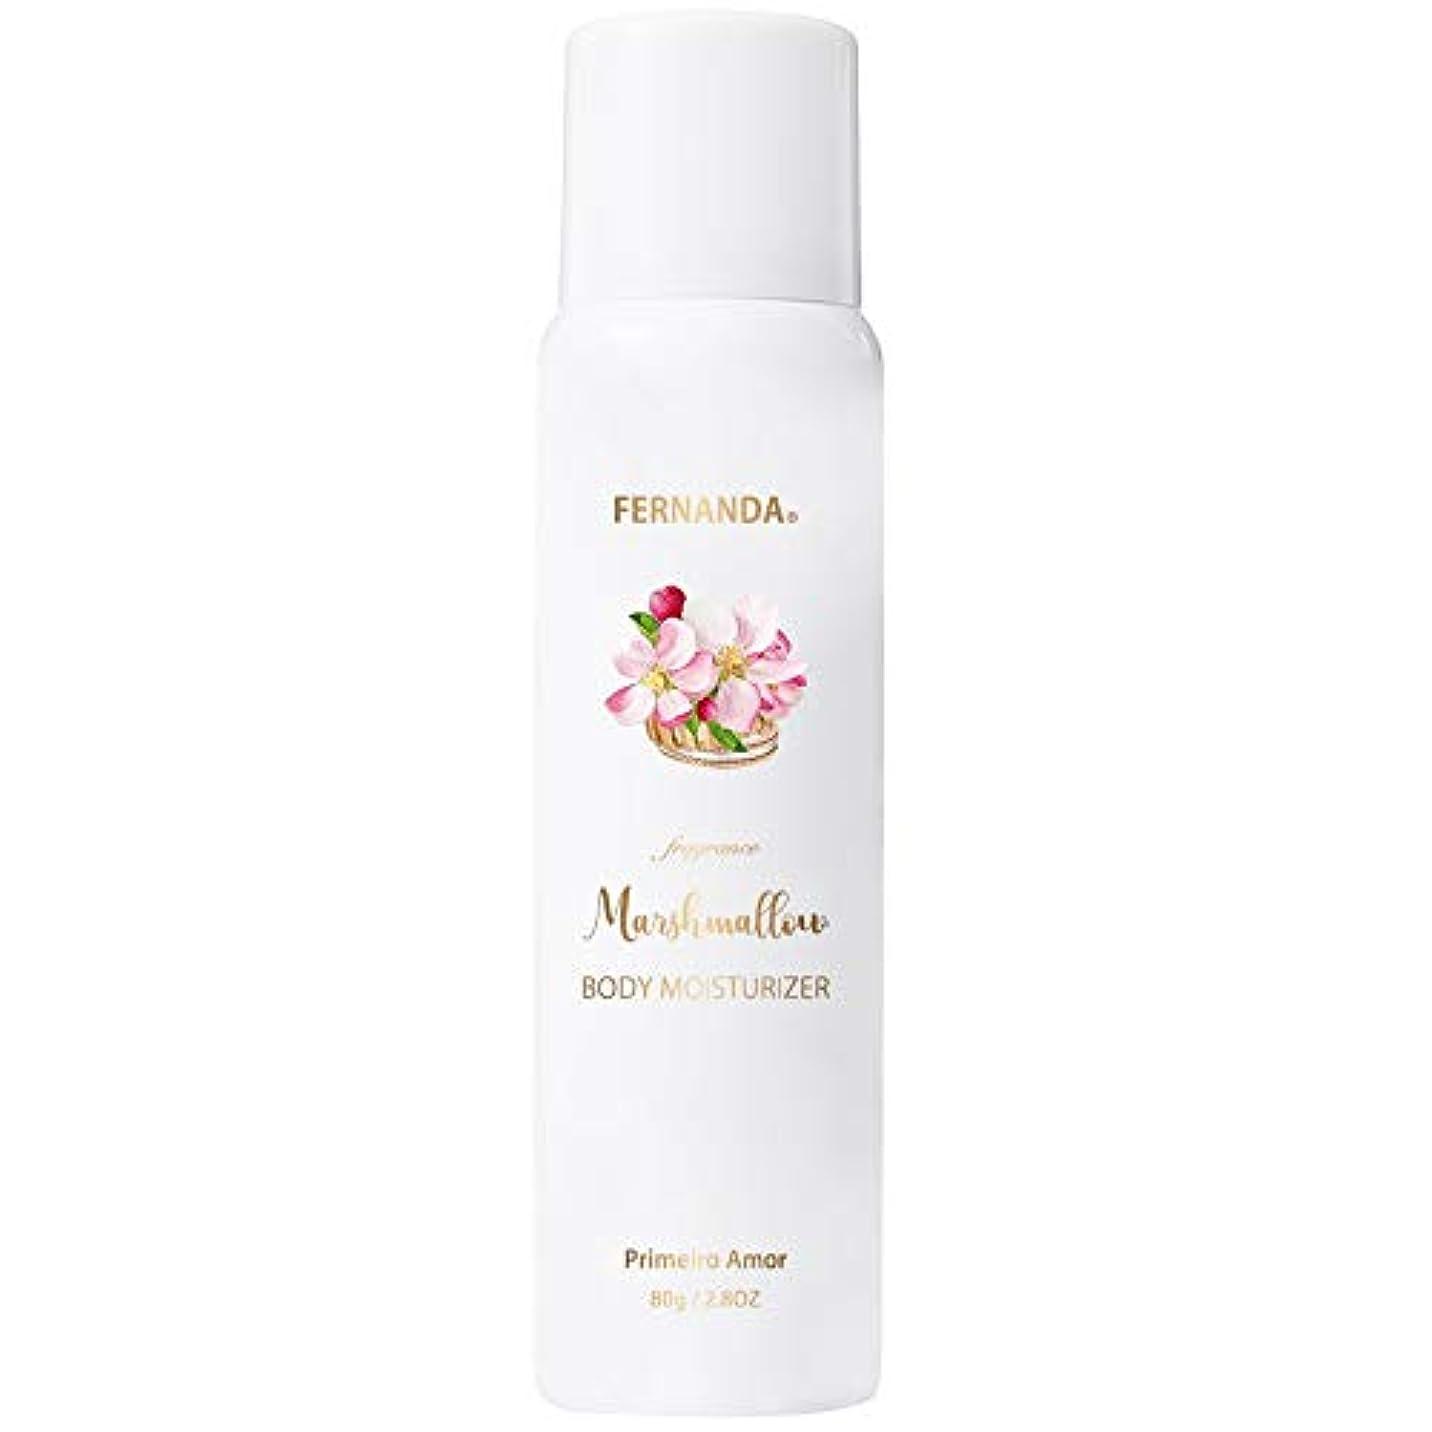 枕巡礼者起きるFERNANDA(フェルナンダ) Marshmallow Body Moisturizer Primeiro Amor (マシュマロ ボディ モイスチャライザー プリメイロアモール)